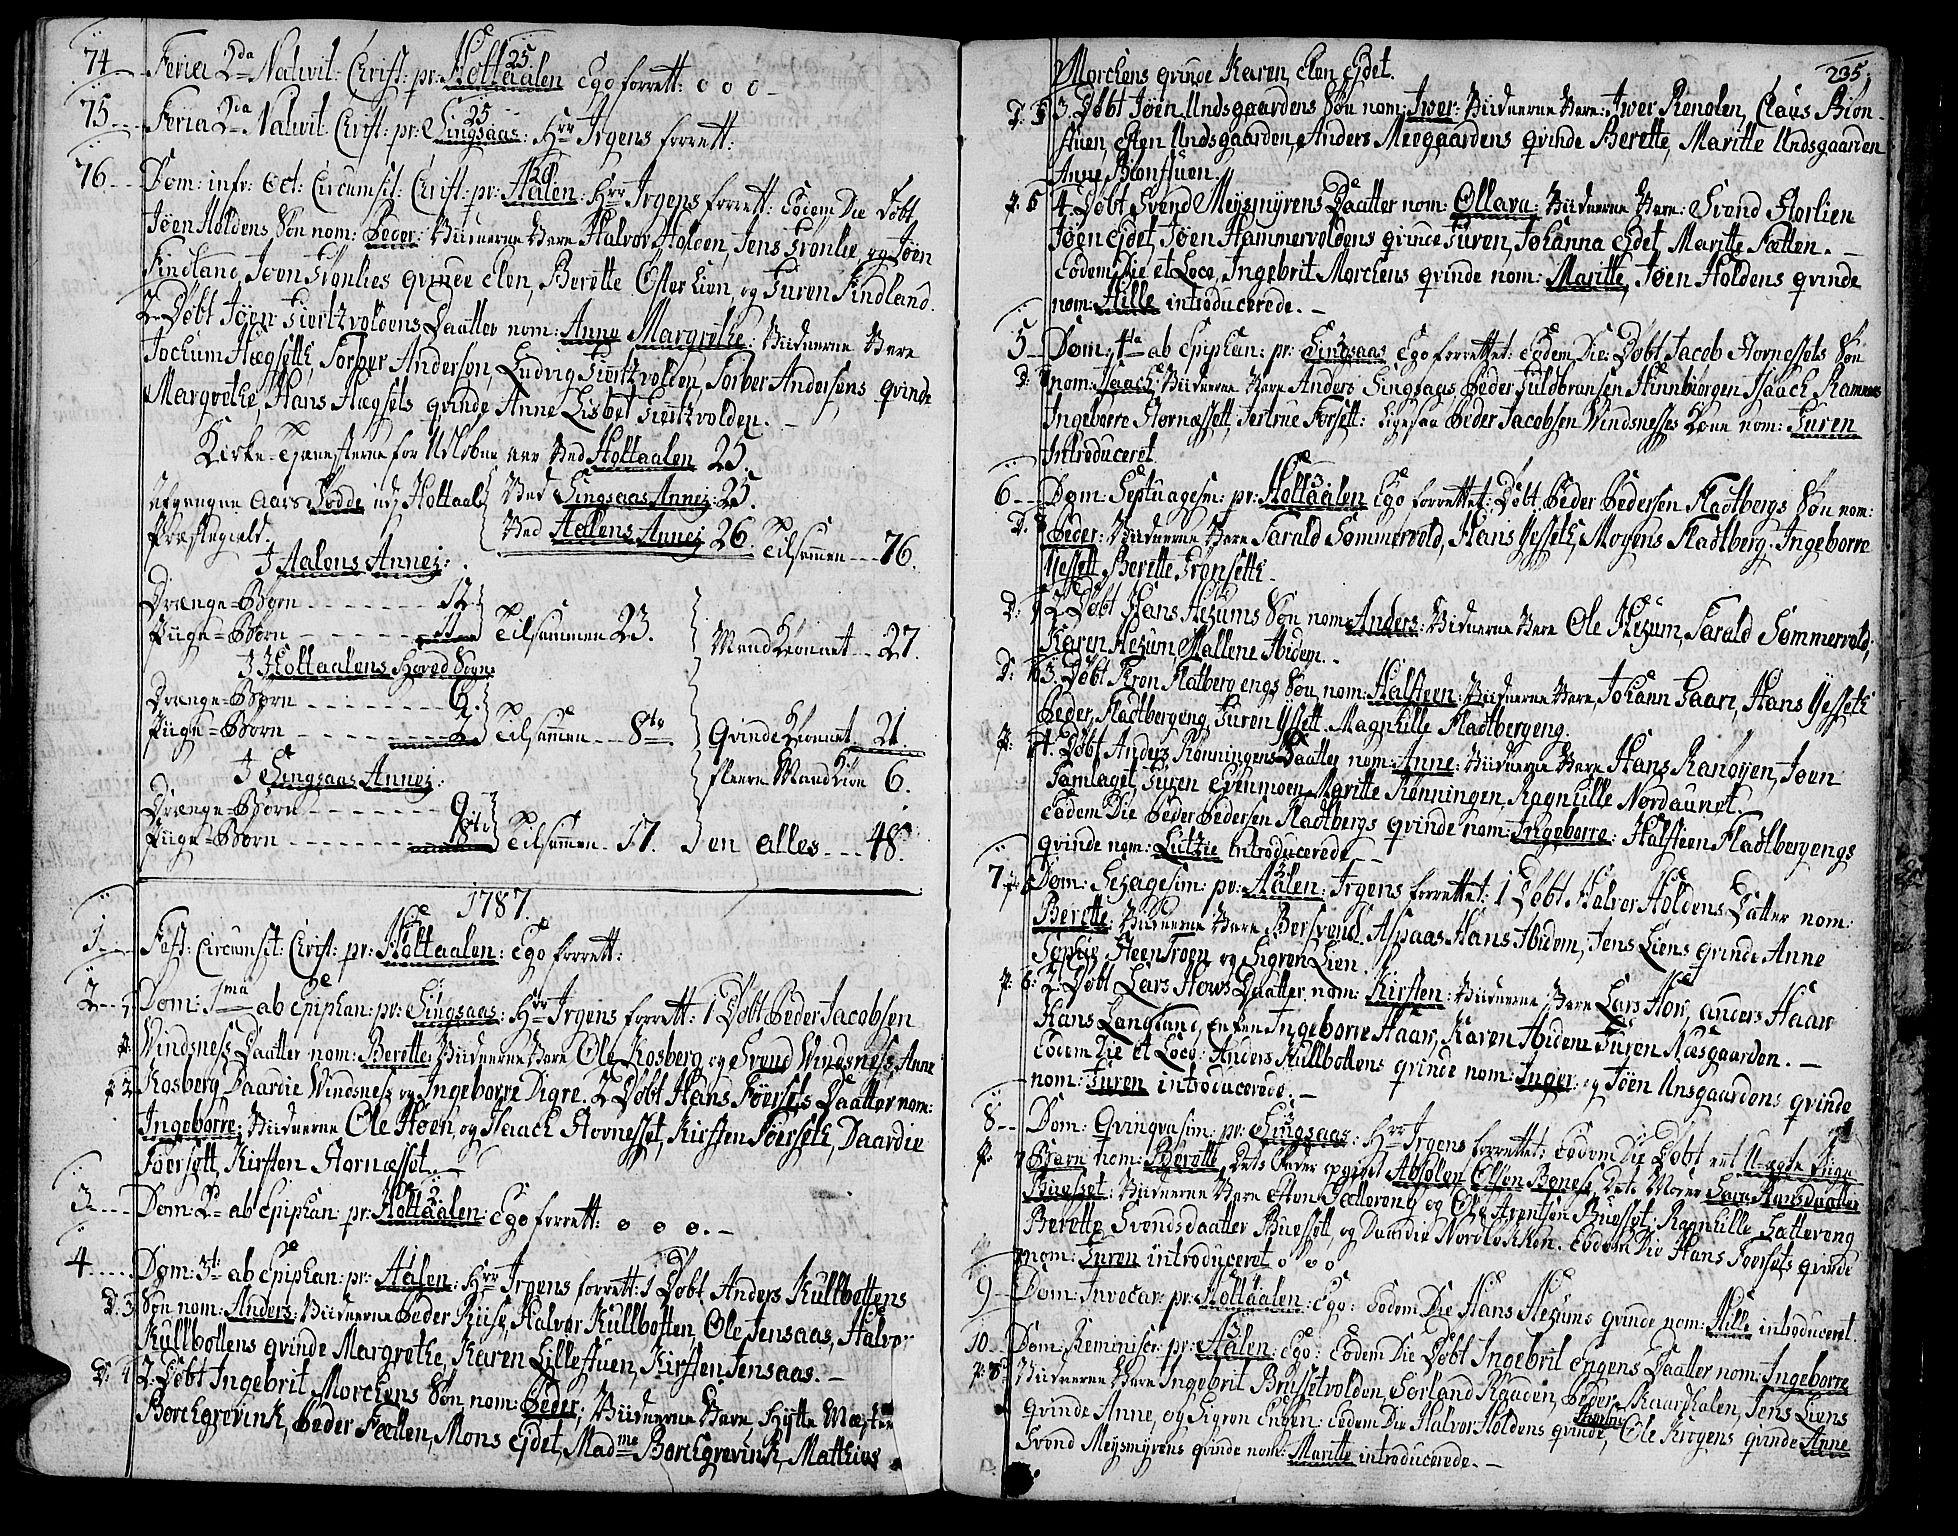 SAT, Ministerialprotokoller, klokkerbøker og fødselsregistre - Sør-Trøndelag, 685/L0952: Ministerialbok nr. 685A01, 1745-1804, s. 235